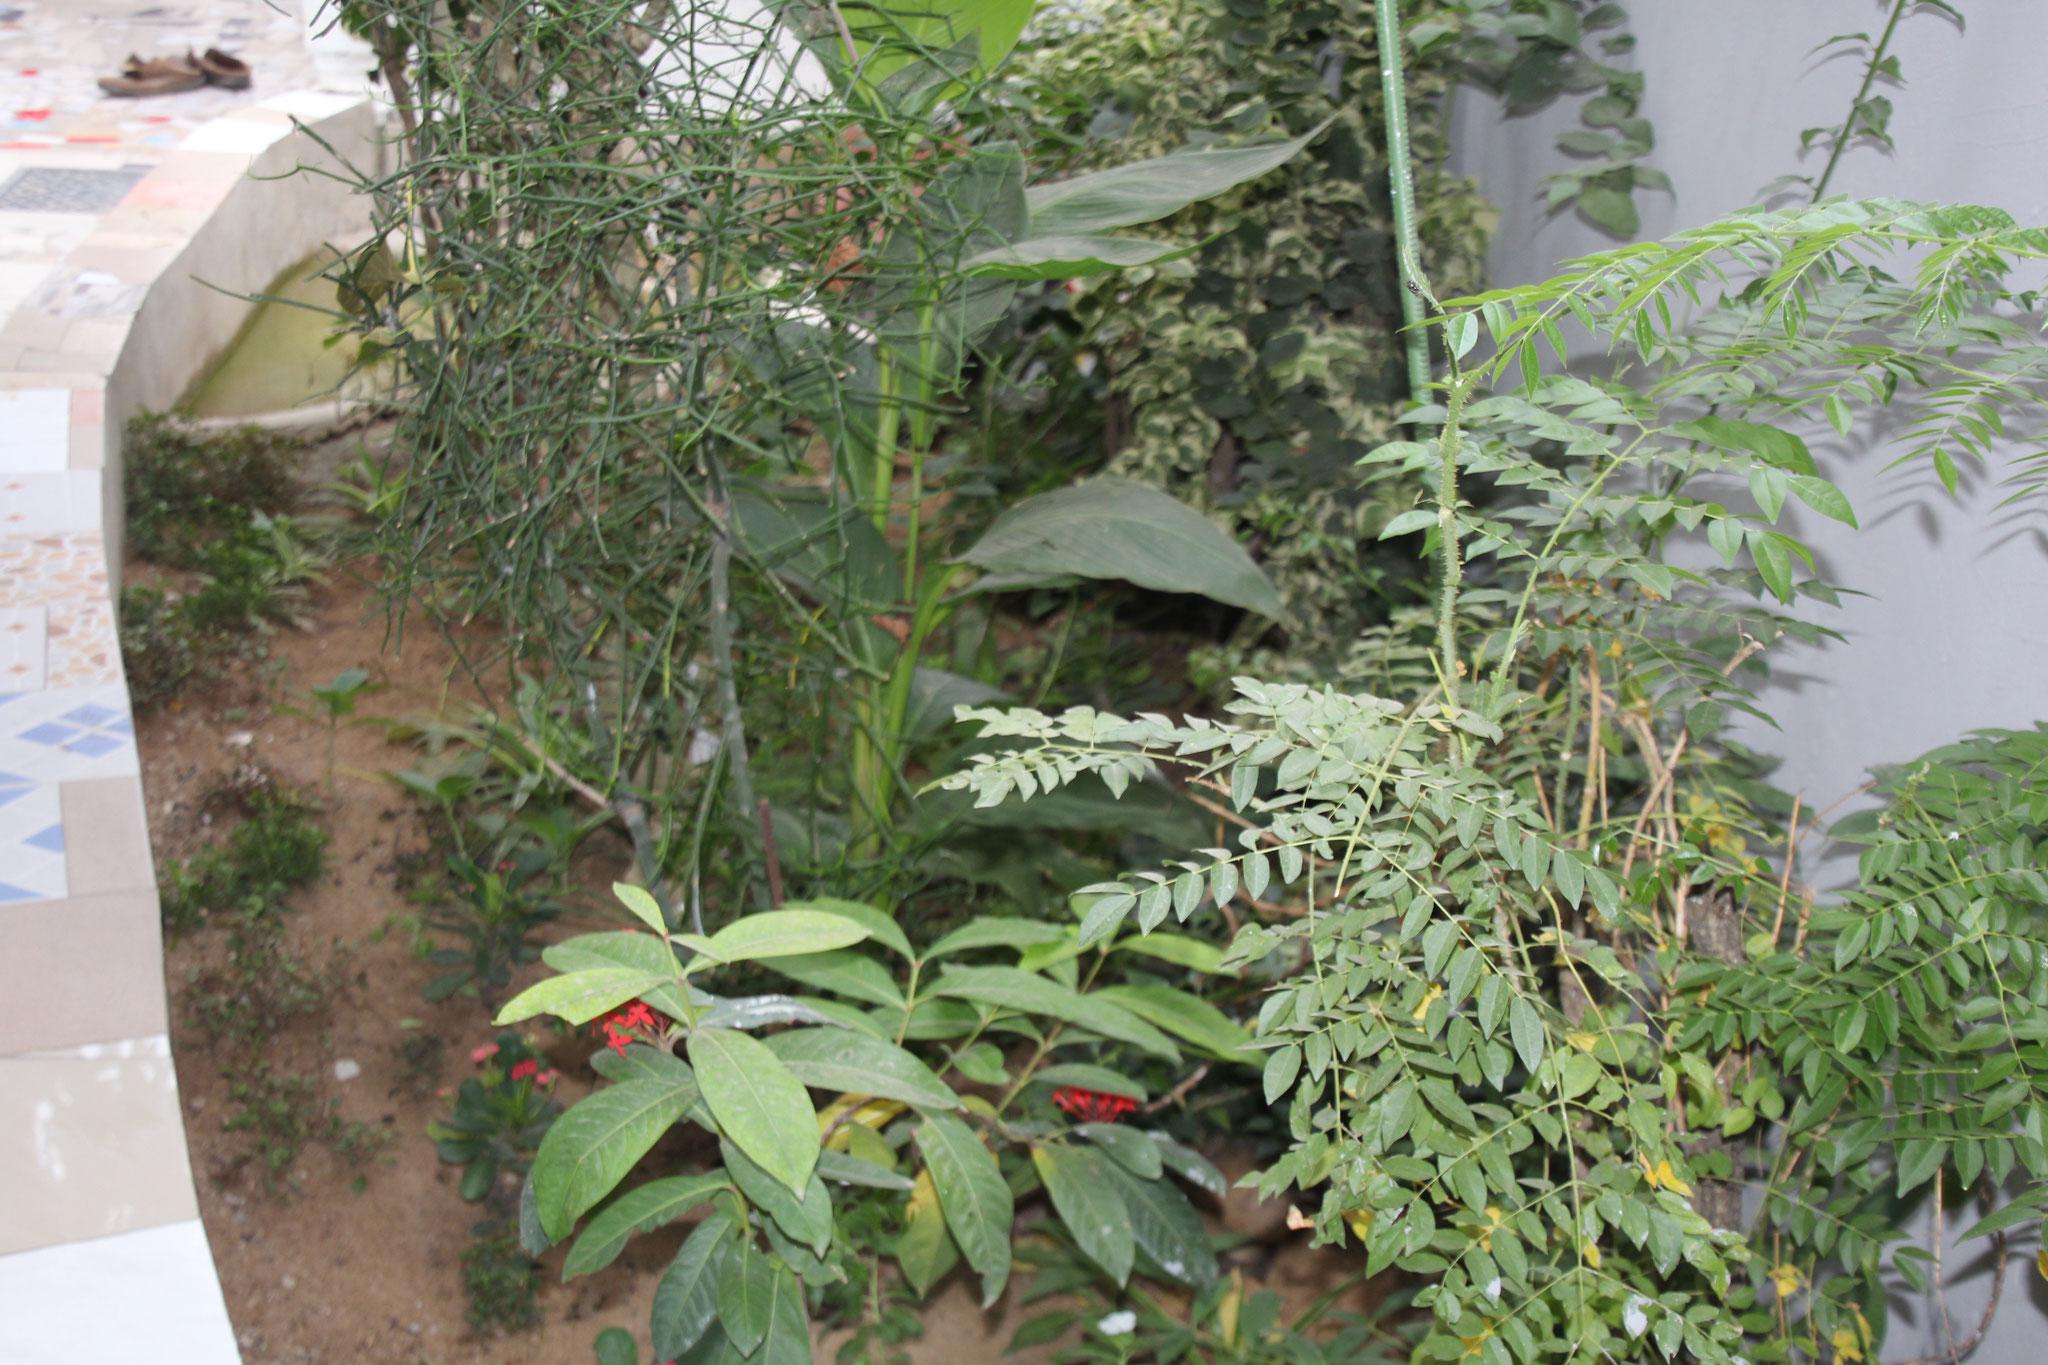 Hier wohnen unsere kignixys Schildkröten zusammen mit der Klappbrustschildkröte.